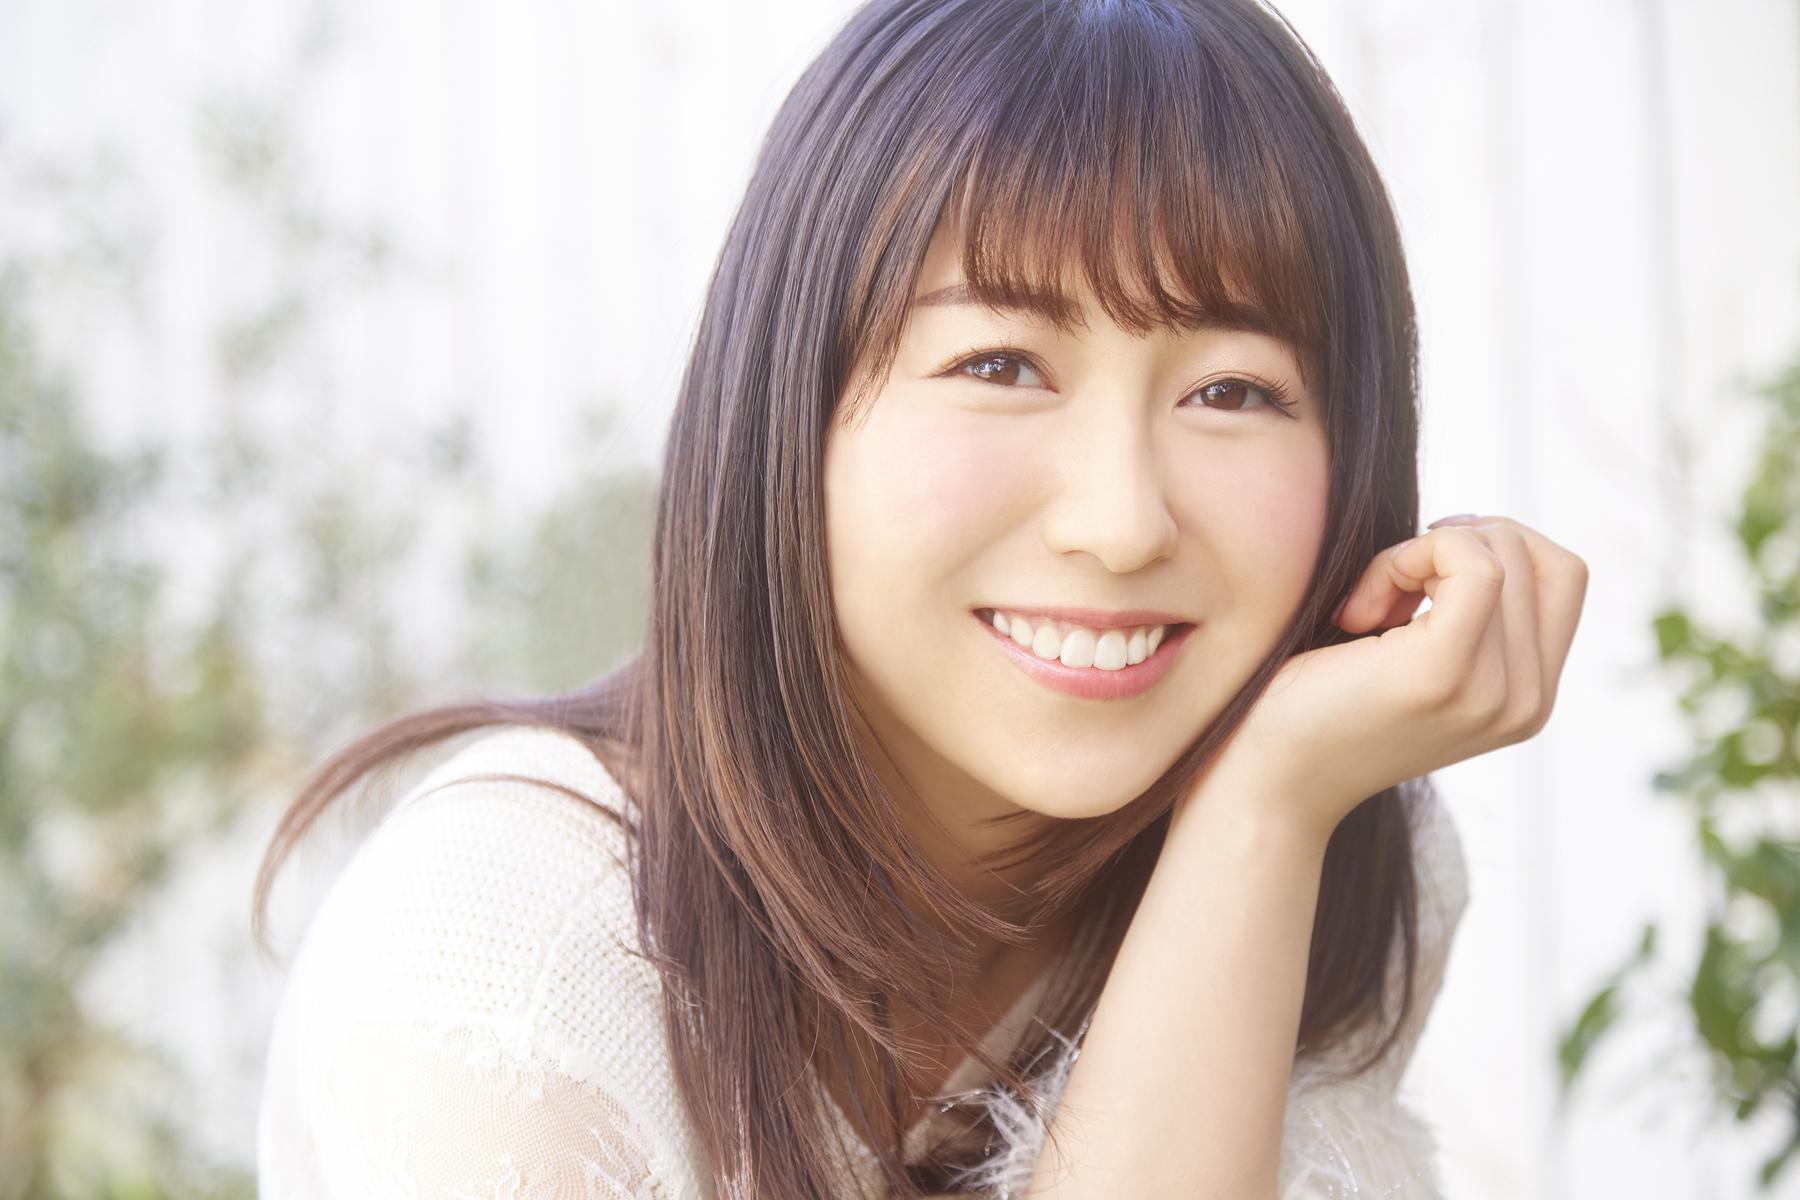 日本人氣聲優安野希世乃國際官方FANCLUB於1月15日成立 在台灣、安野希世乃_、